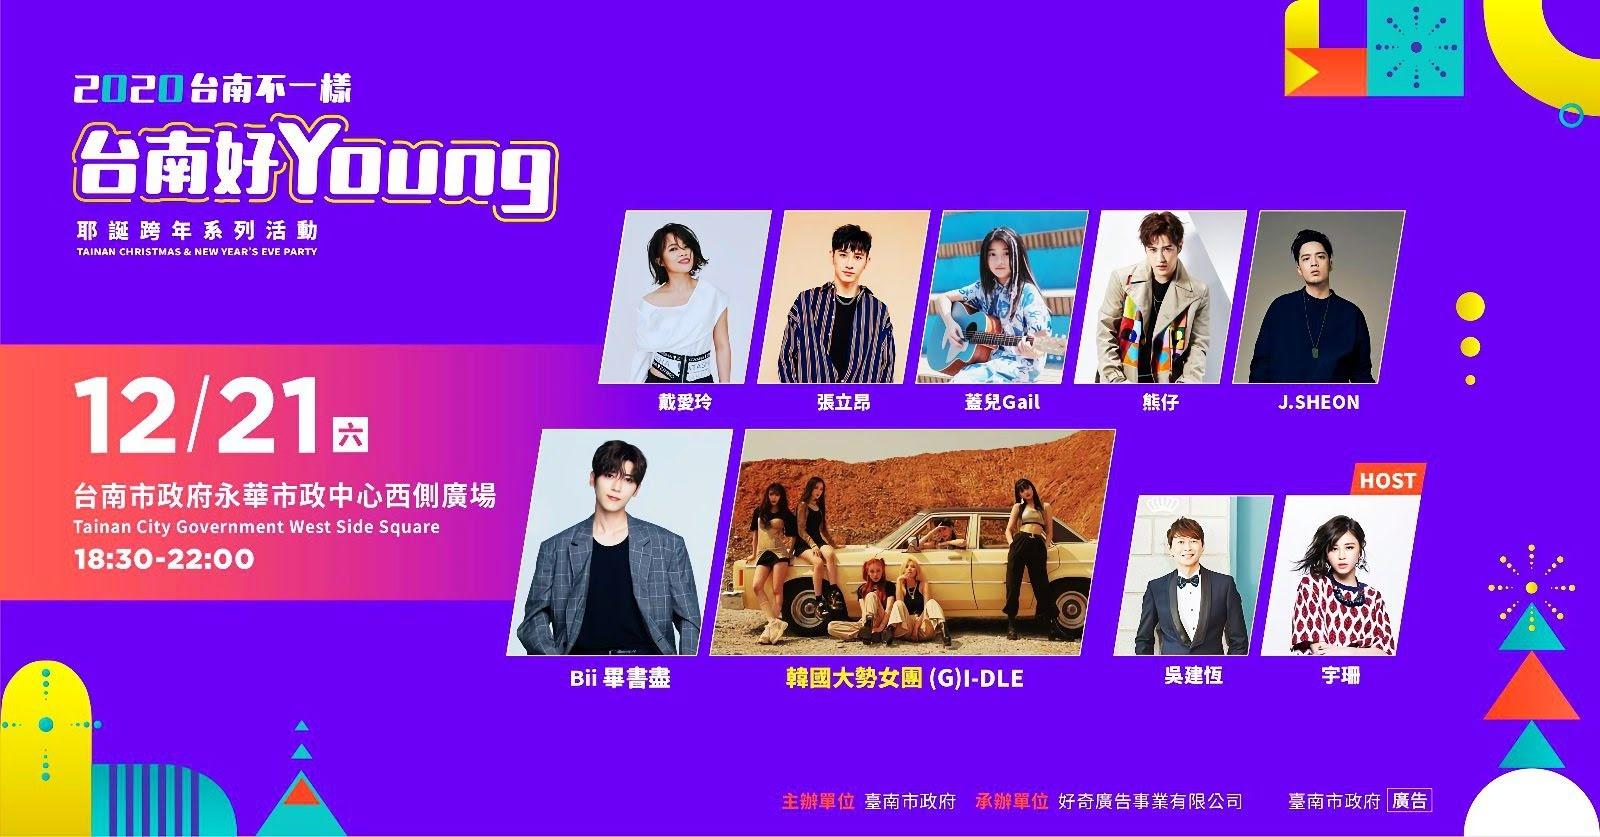 [活動] 台南好Young耶誕跨年城|12/21耶誕演唱會|群星邀請大家一起瘋台南